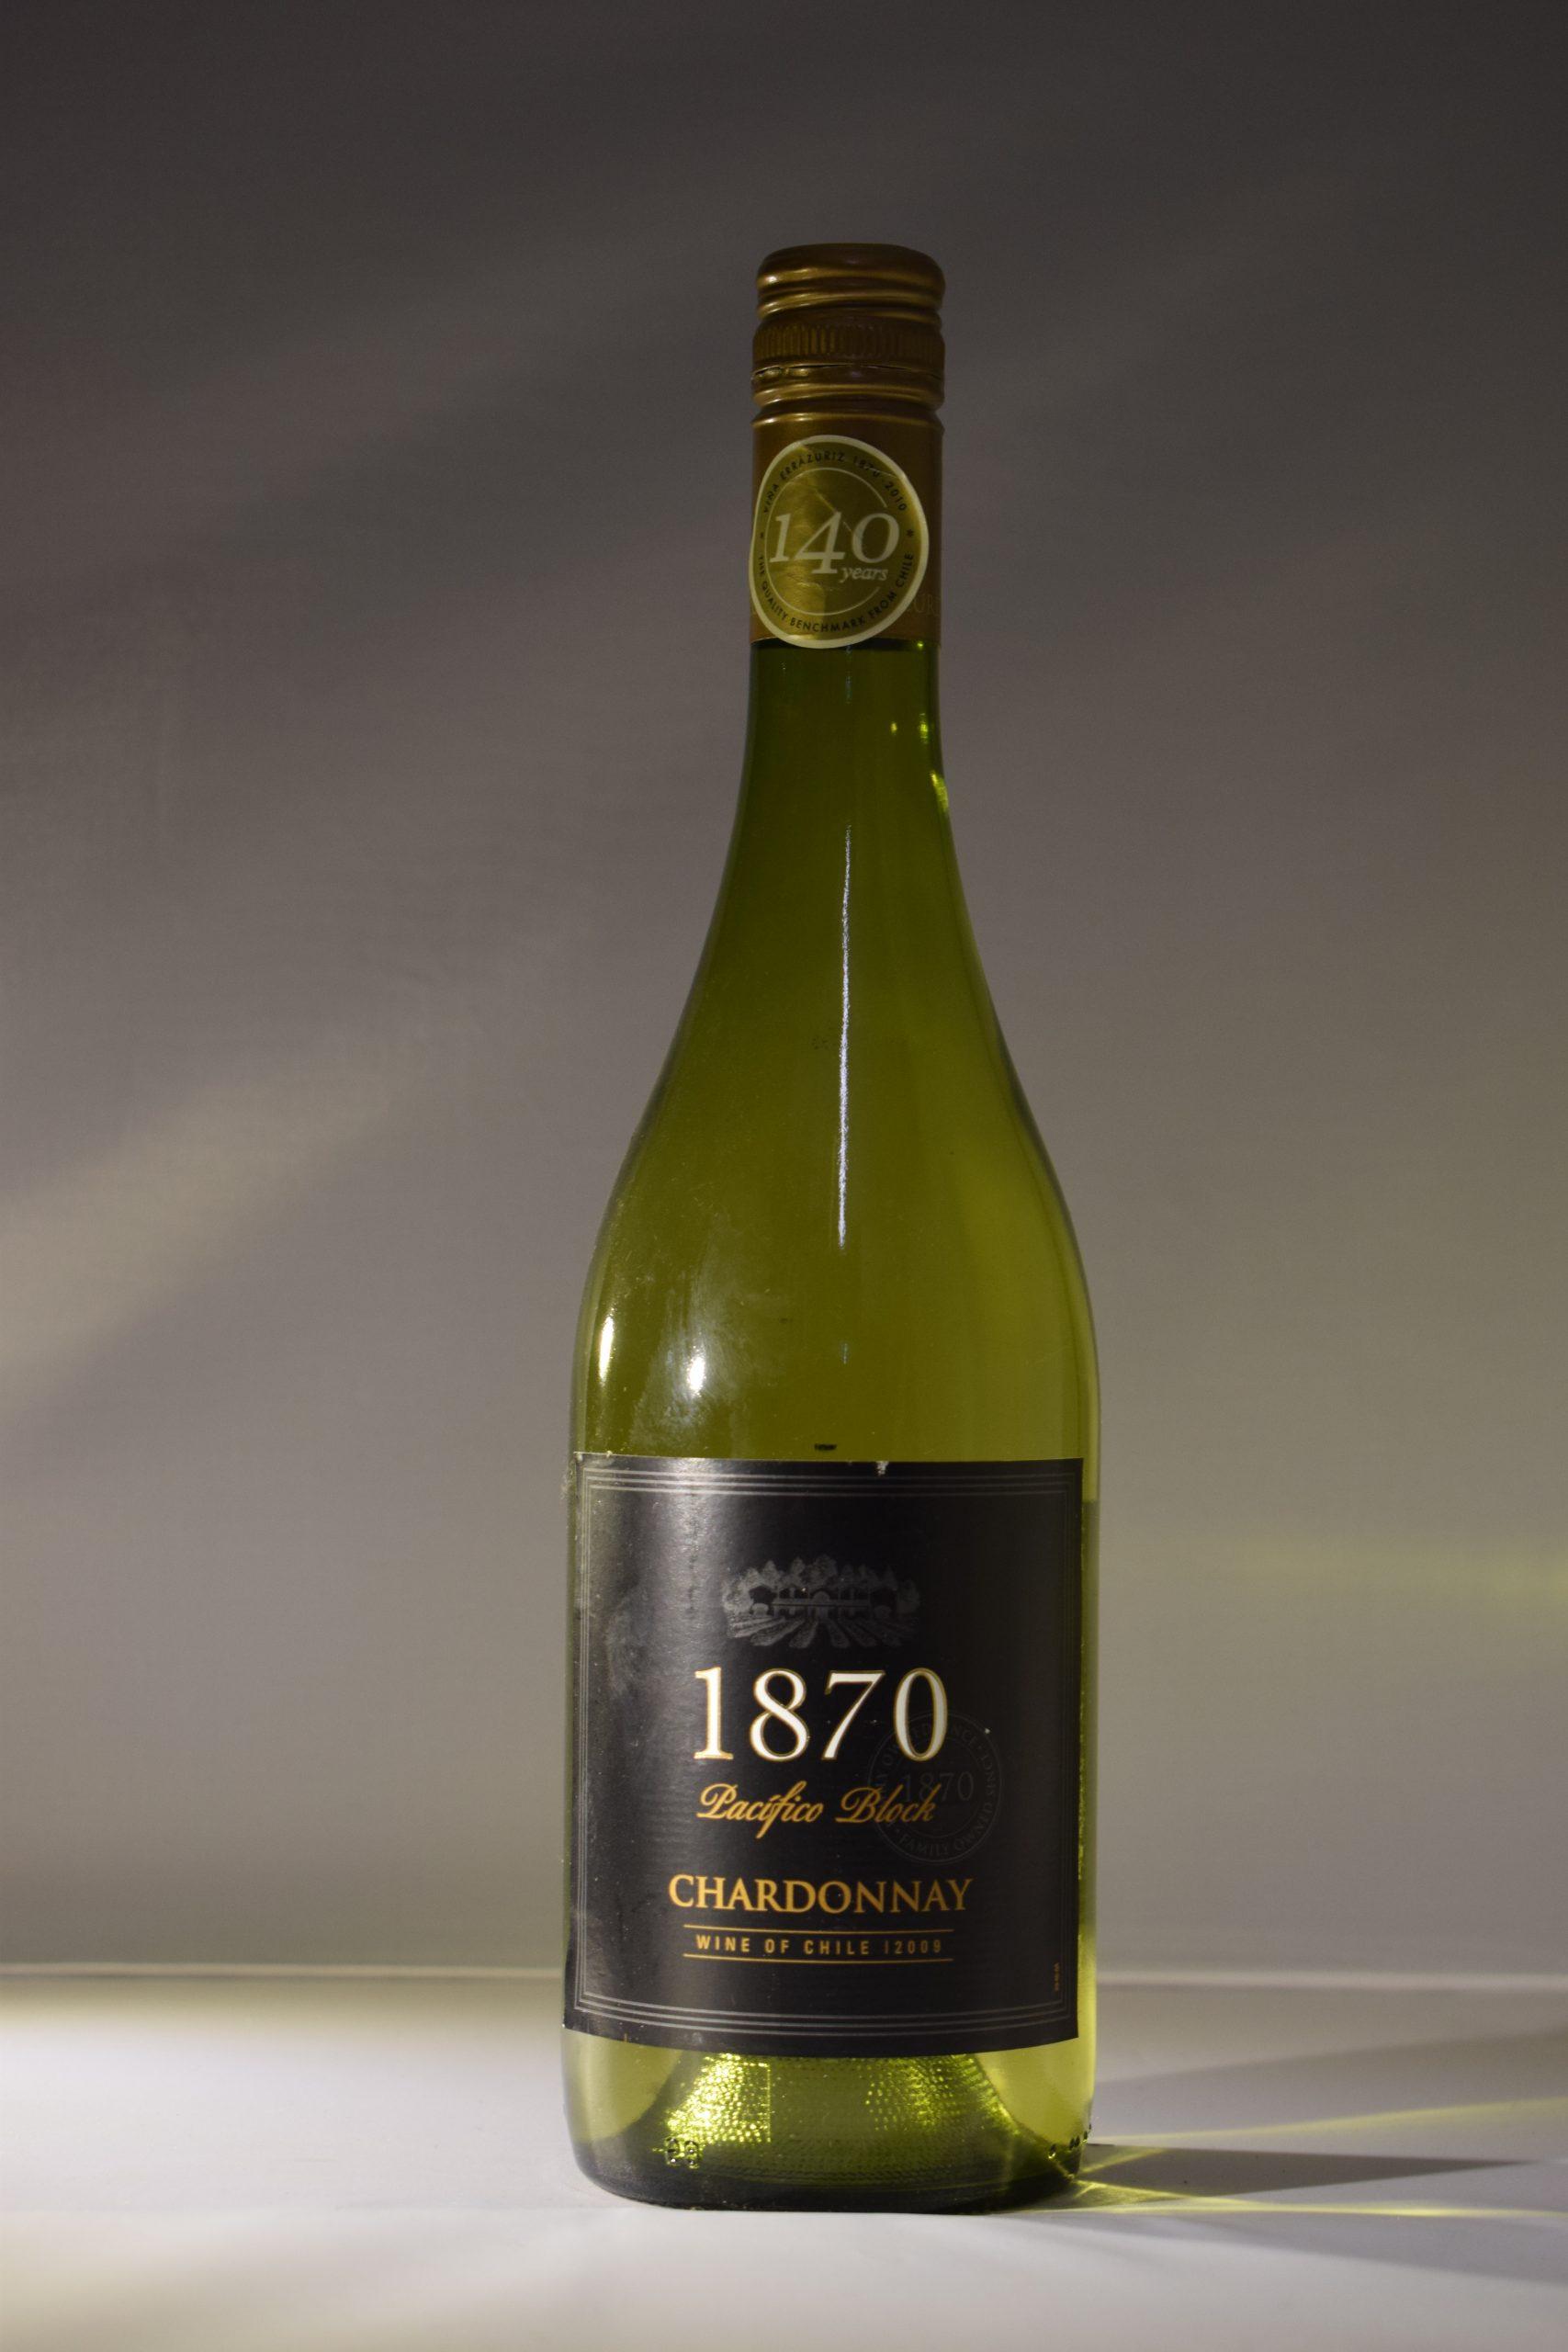 1870 Pacifico Block Chardonnay 2009